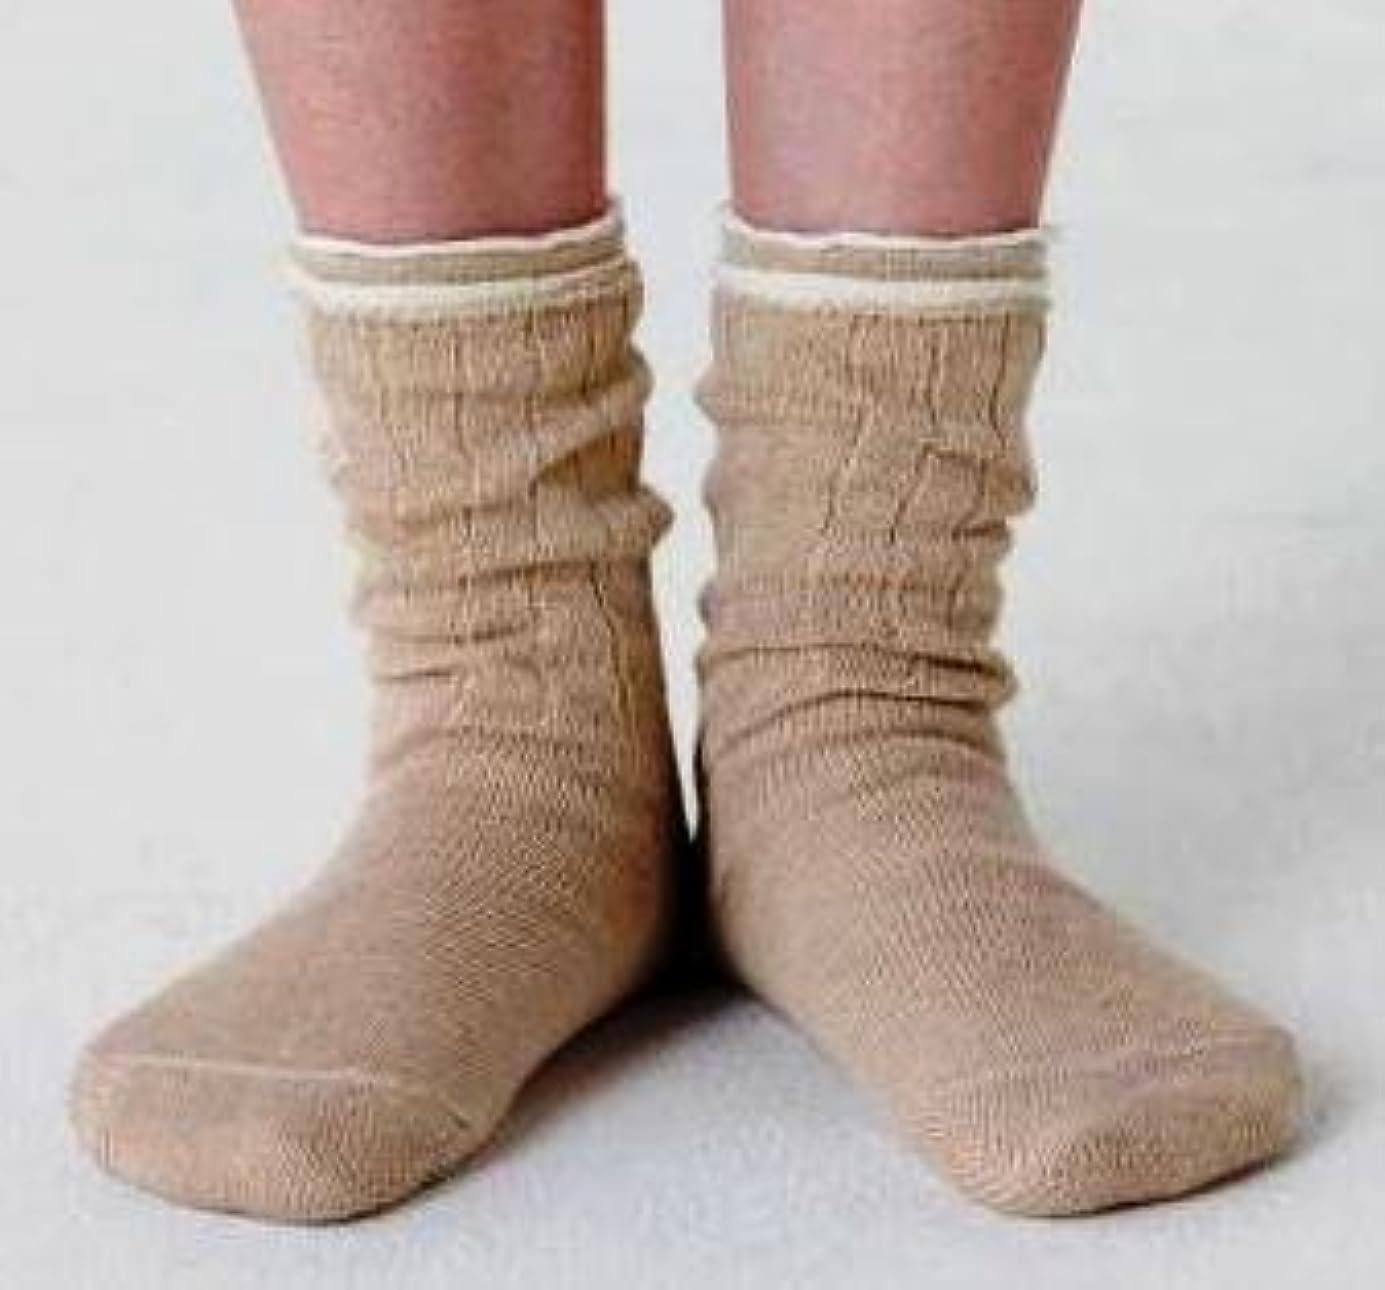 キャンペーン一貫した異なる冷え取り靴下 4枚重ね履きソックス(絹?綿?絹?綿) Lサイズ:25~27cm